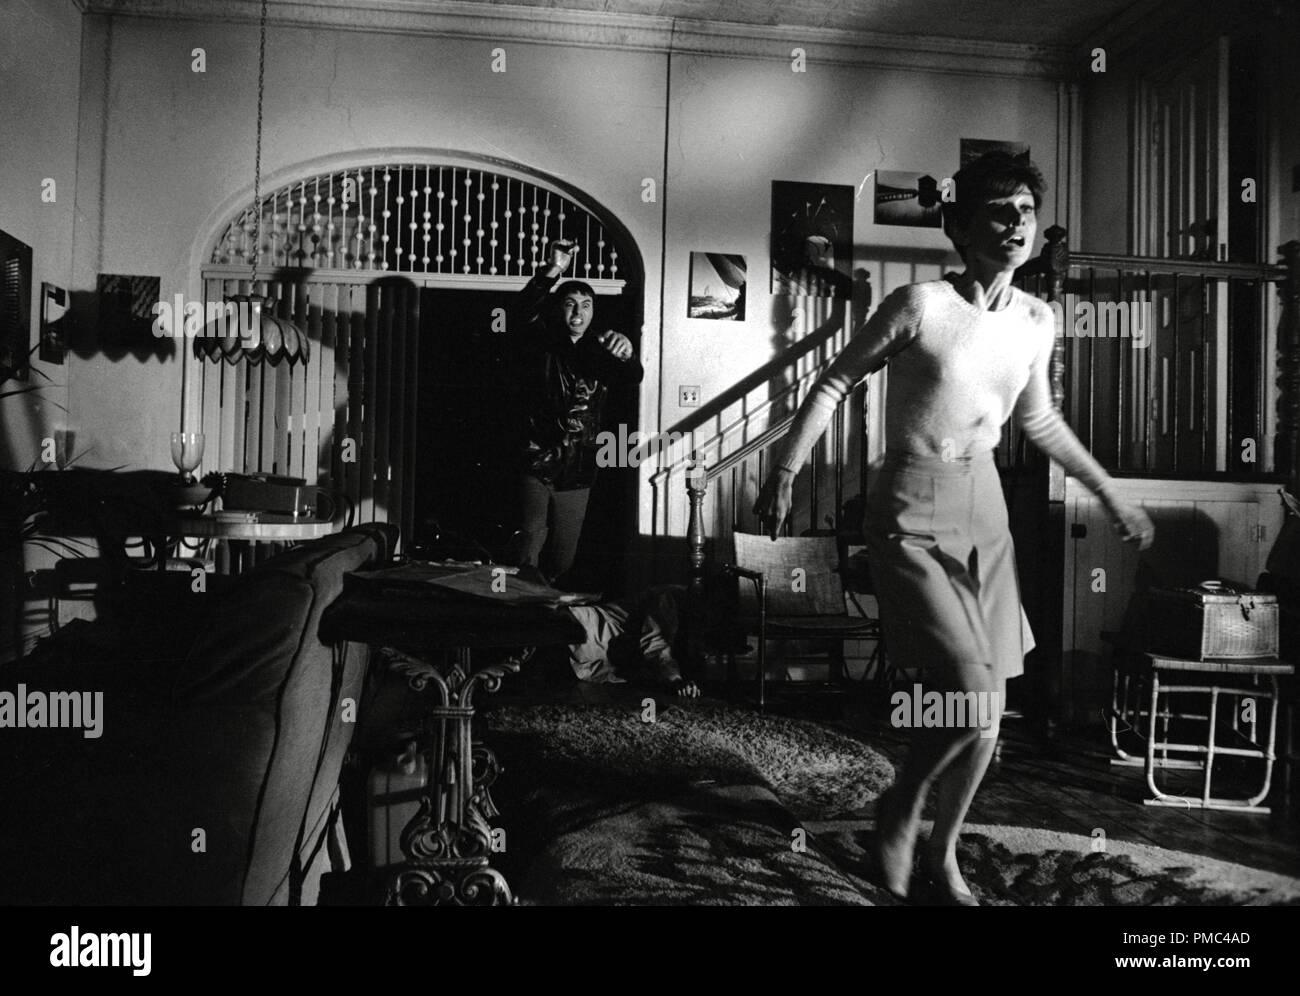 Allen Arkin and Audrey Hepburn, 'Wait Until Dark' 1967 Warner Bros. File Reference # 33536_287THA - Stock Image